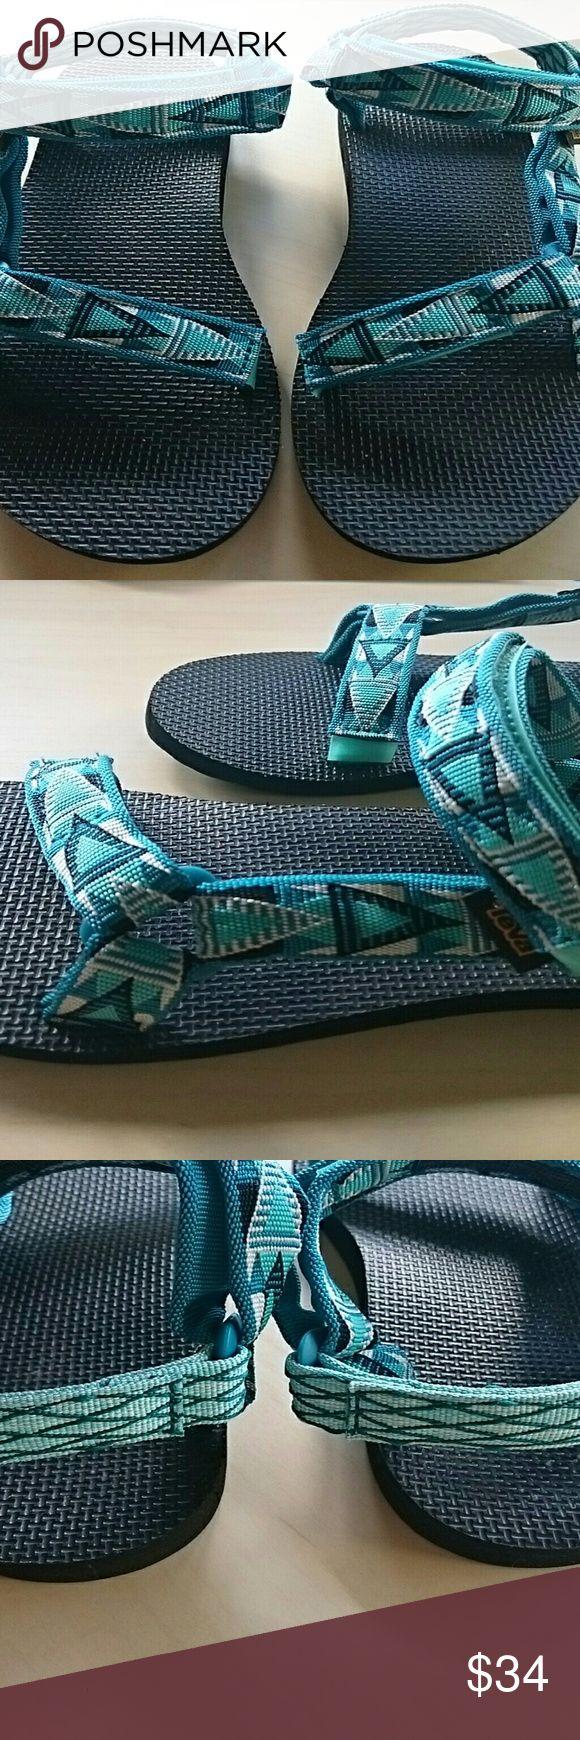 TEVA ORIGINALS TEAL GREEN SANDALS ARTIST SERIES Very nice pair of Teva Sandals teal green women 8 New Teva Shoes Sandals